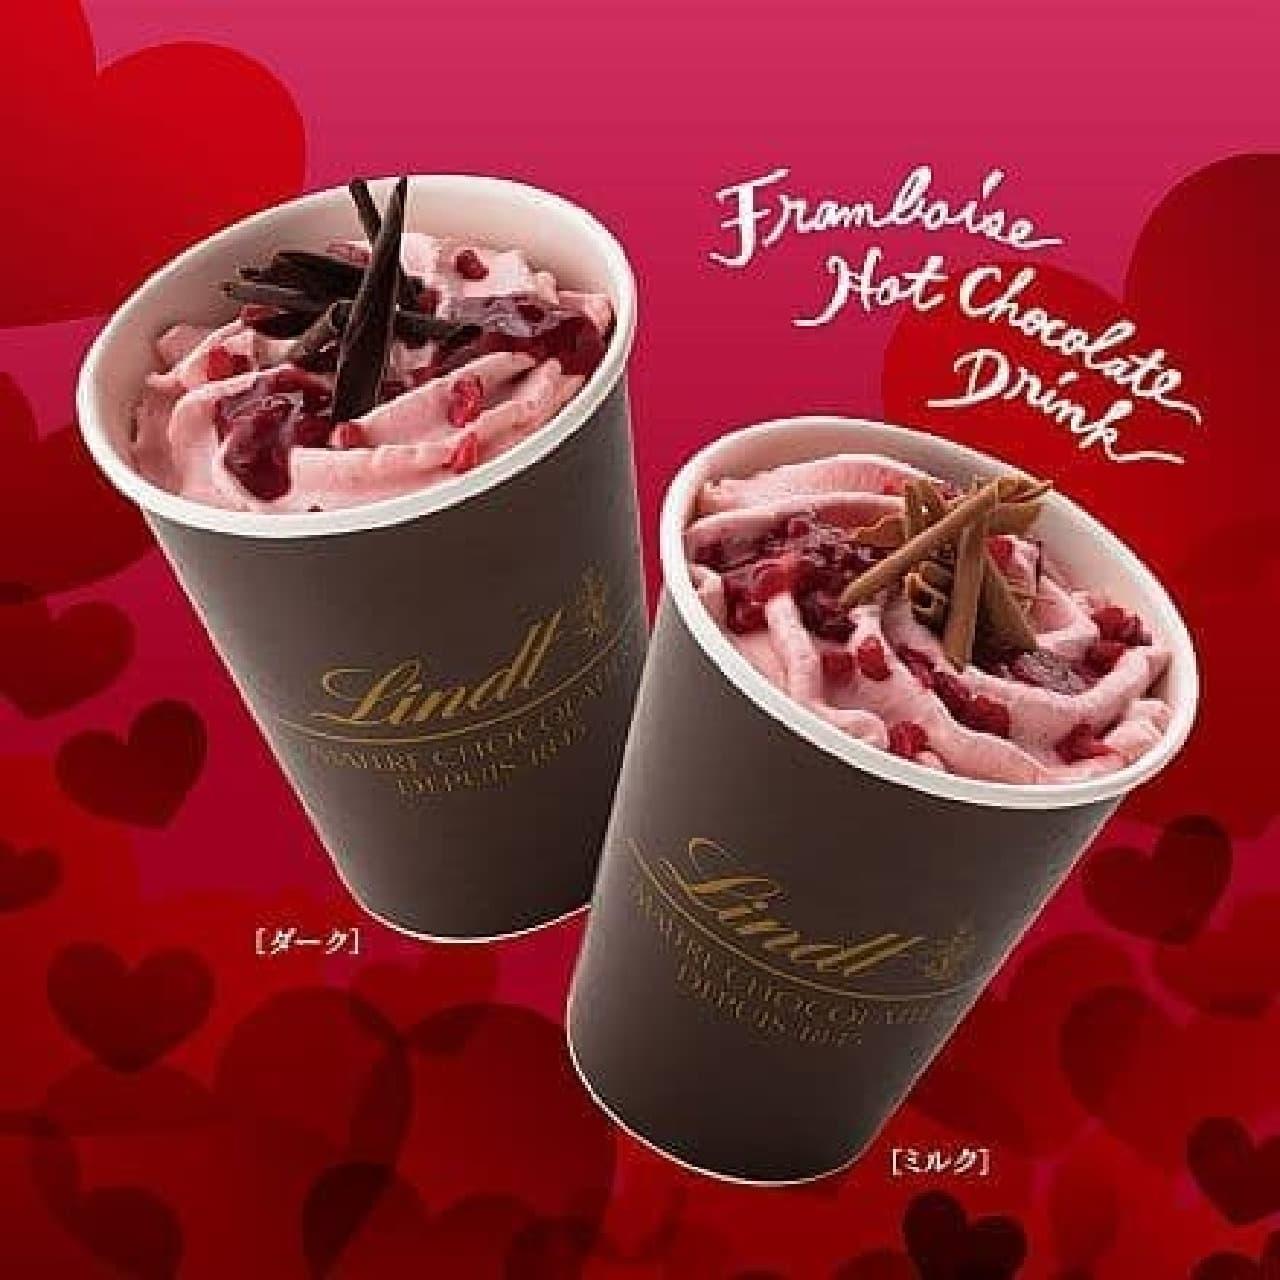 リンツ ショコラ カフェ「リンツ フランボワーズホットチョコレートドリンク」